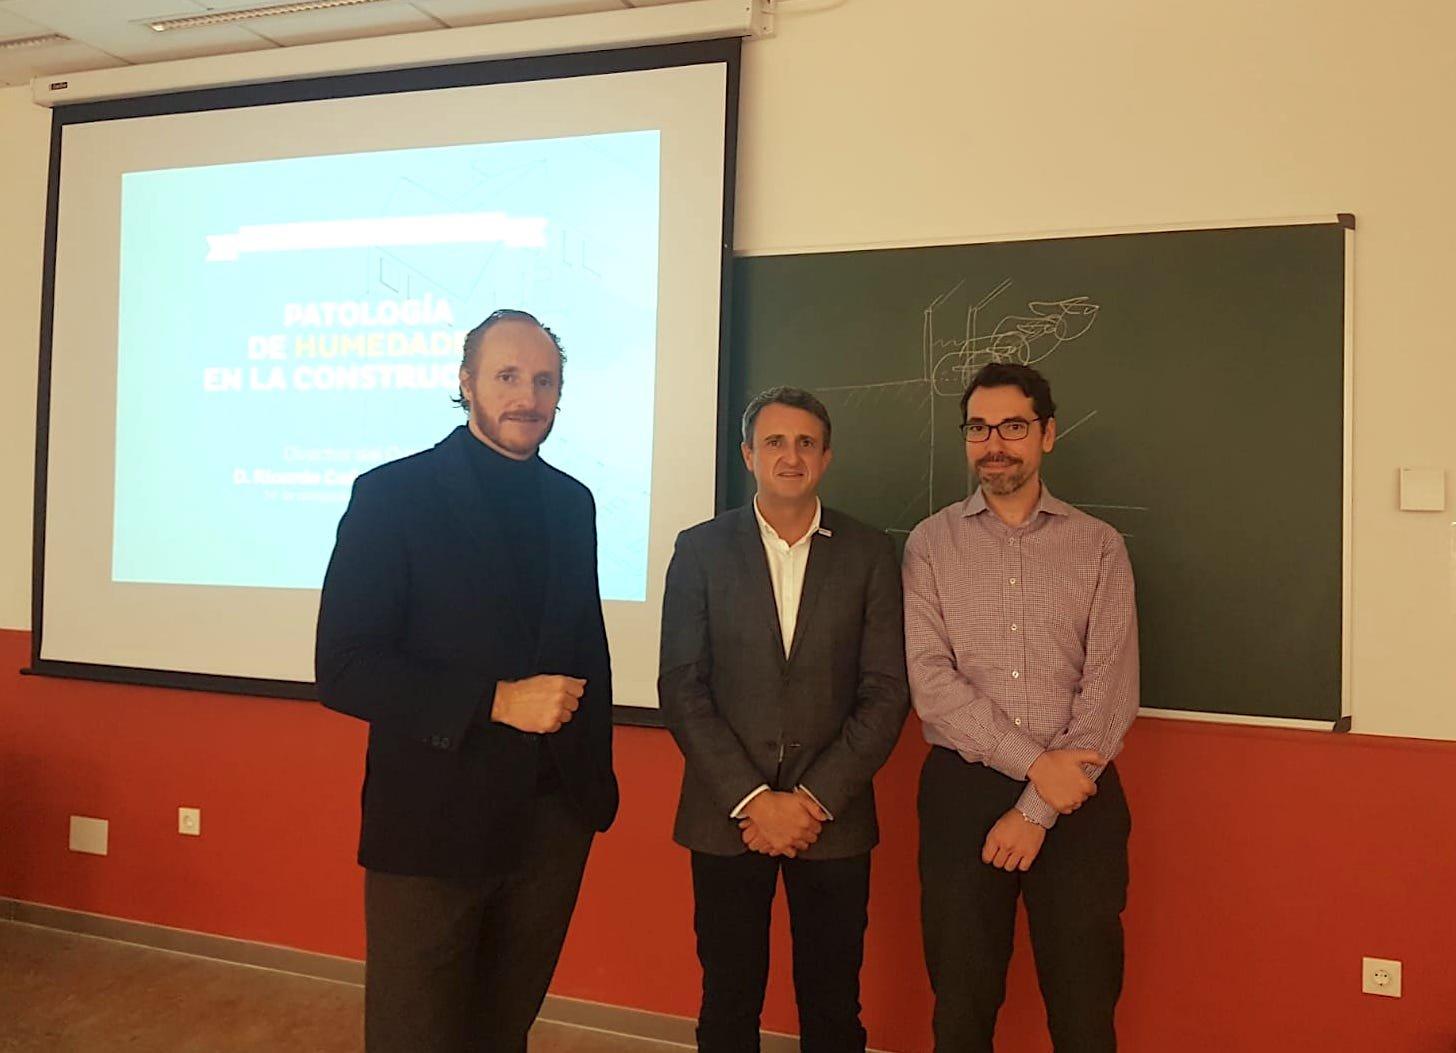 Ricardo Cañada, Ángel Cano, director de Murprotec y profesor titular de la URJC